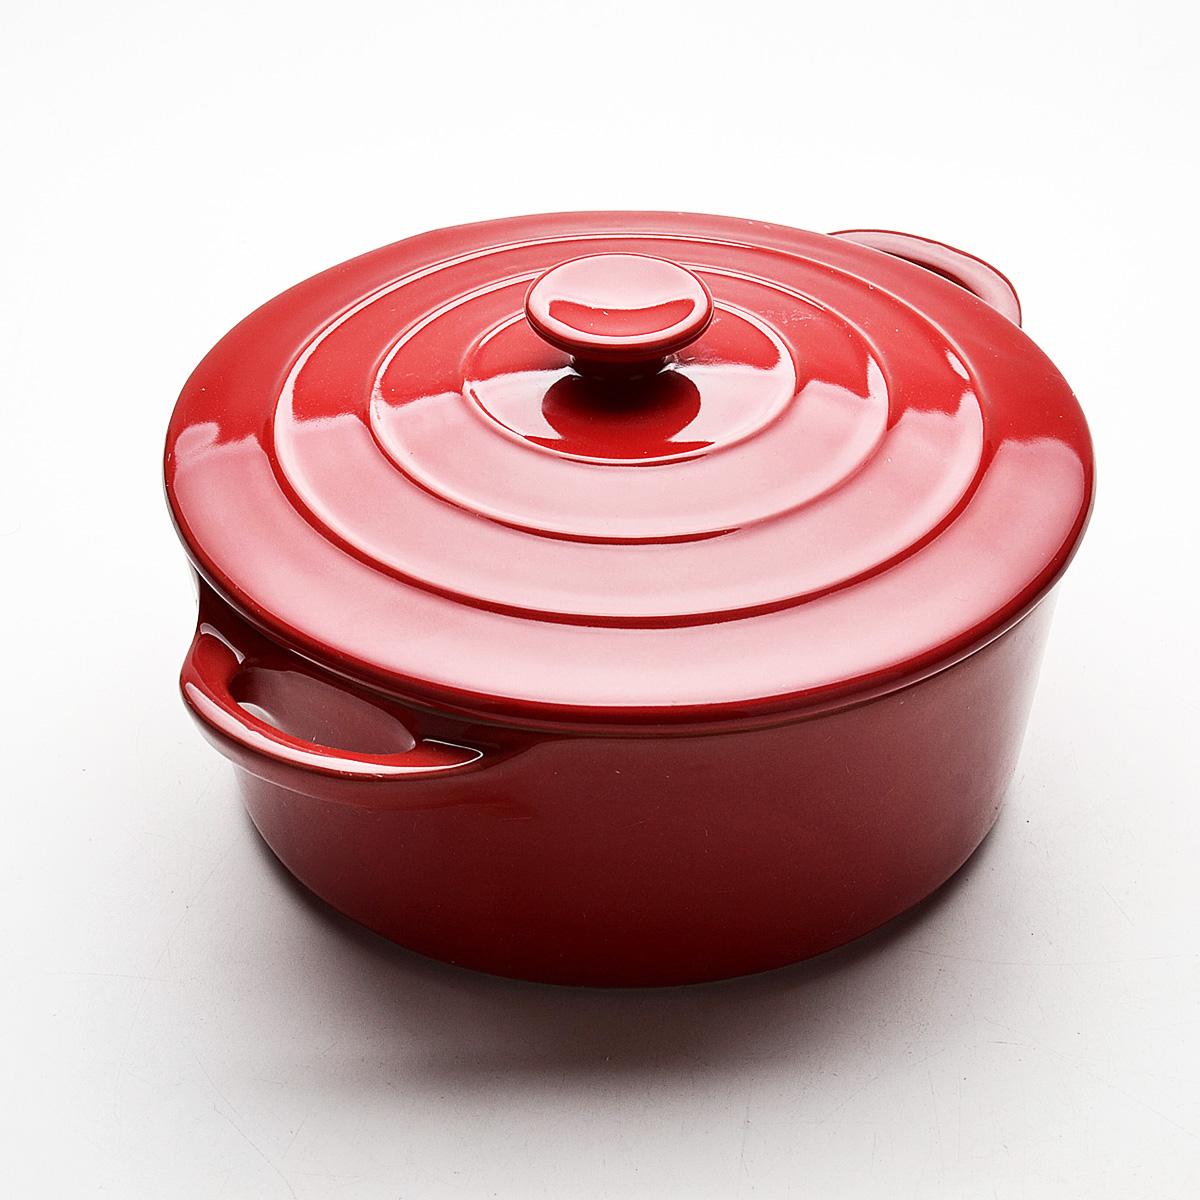 Кастрюля Mayer & Boch с крышкой, цвет: красный, 2,8 л. 2182021820Кастрюля Mayer & Boch, изготовленная из жаропрочной керамики, подходит для любого вида пищи. Элегантный дизайн идеально подходит для современного дома. В комплект входит крышка из керамики. Глиняные ручки обеспечивают надежный захват.Изделия из керамики идеально подходят как для приготовления пищи, так и для подачи на стол. Материал не содержит свинца и кадмия. С такой кастрюлей вы всегда сможете порадовать своих близких оригинальным блюдом.Кастрюлю можно использовать на газовой, электрической плите и в микроволновой печи. Можно мыть в посудомоечной машине.Размер (с учетом ручек): 29,3 см х 23 см.Высота стенок: 9,5 см.Толщина стенок: 6-7 мм. Диаметр основания: 19 см.